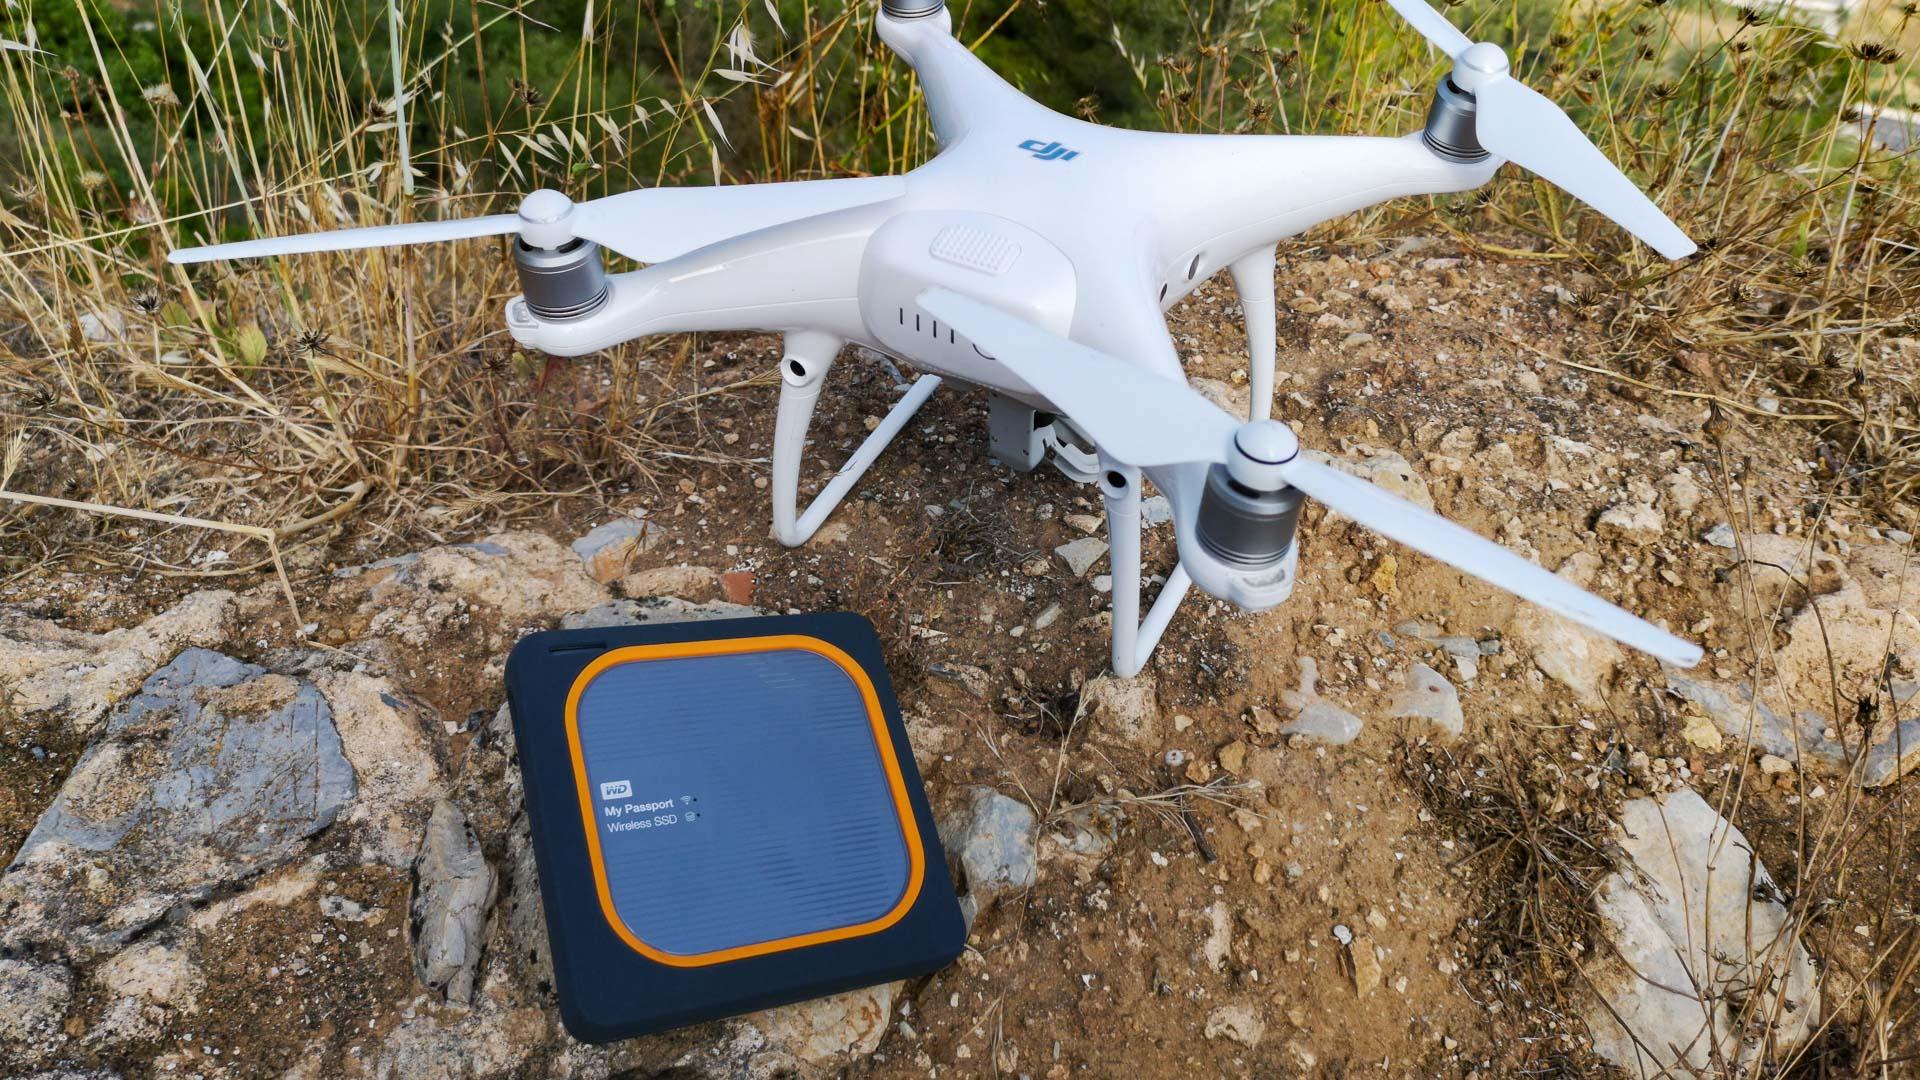 sandisk extreme drones welches zubeh r eignet sich am. Black Bedroom Furniture Sets. Home Design Ideas